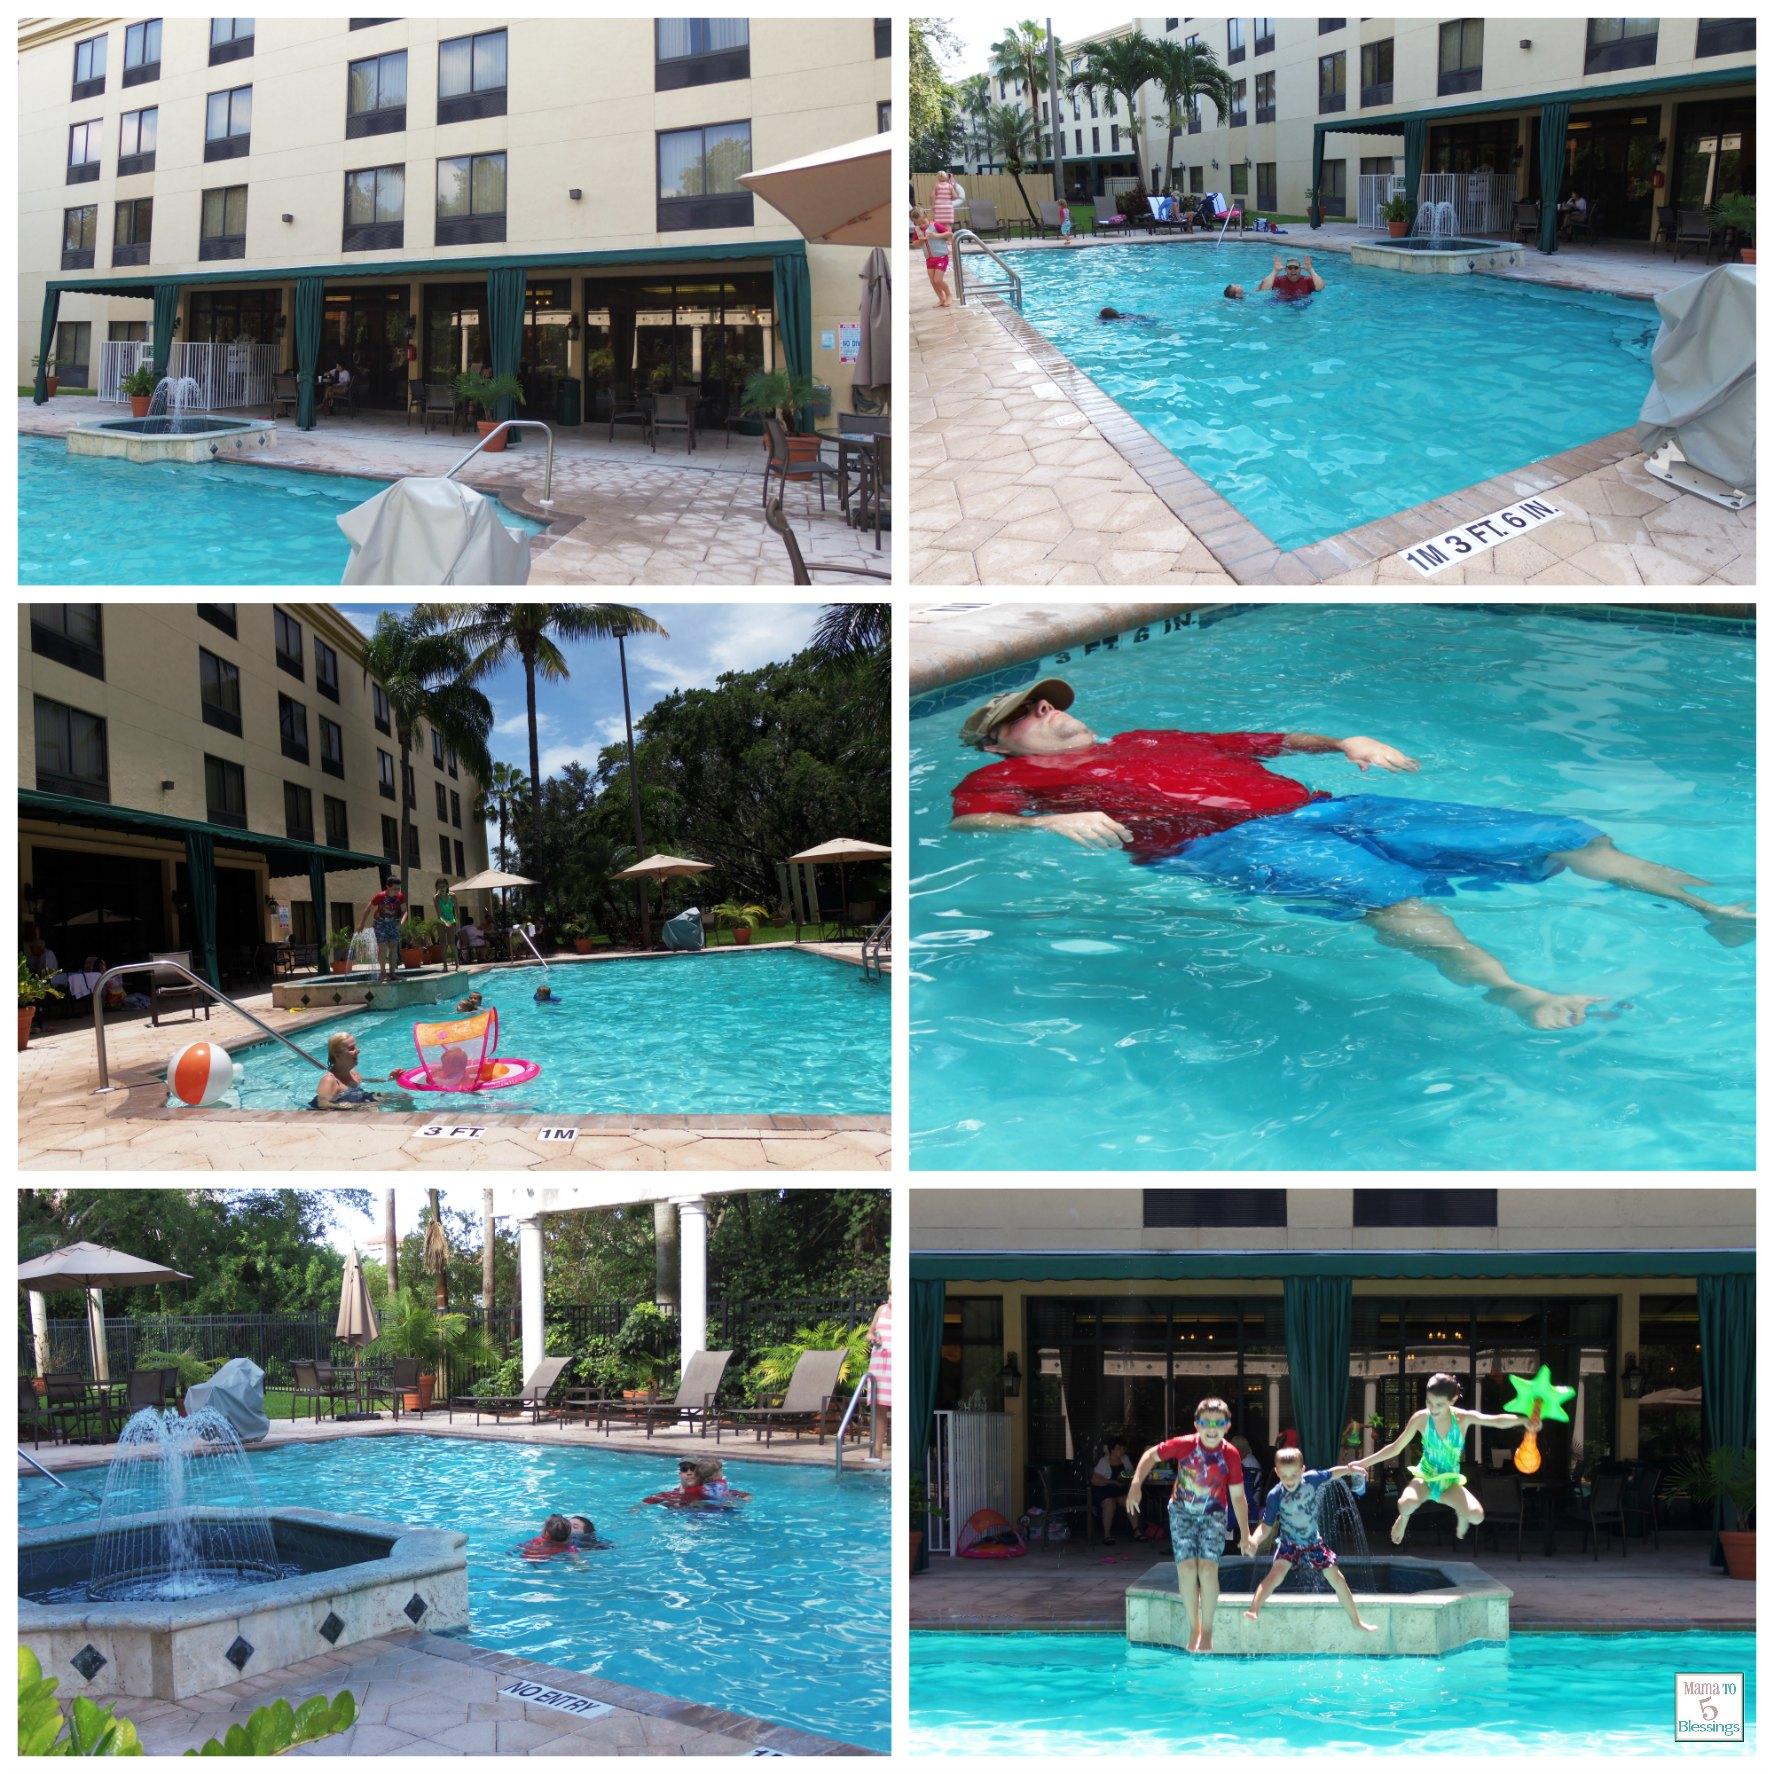 hampton inn bb pool